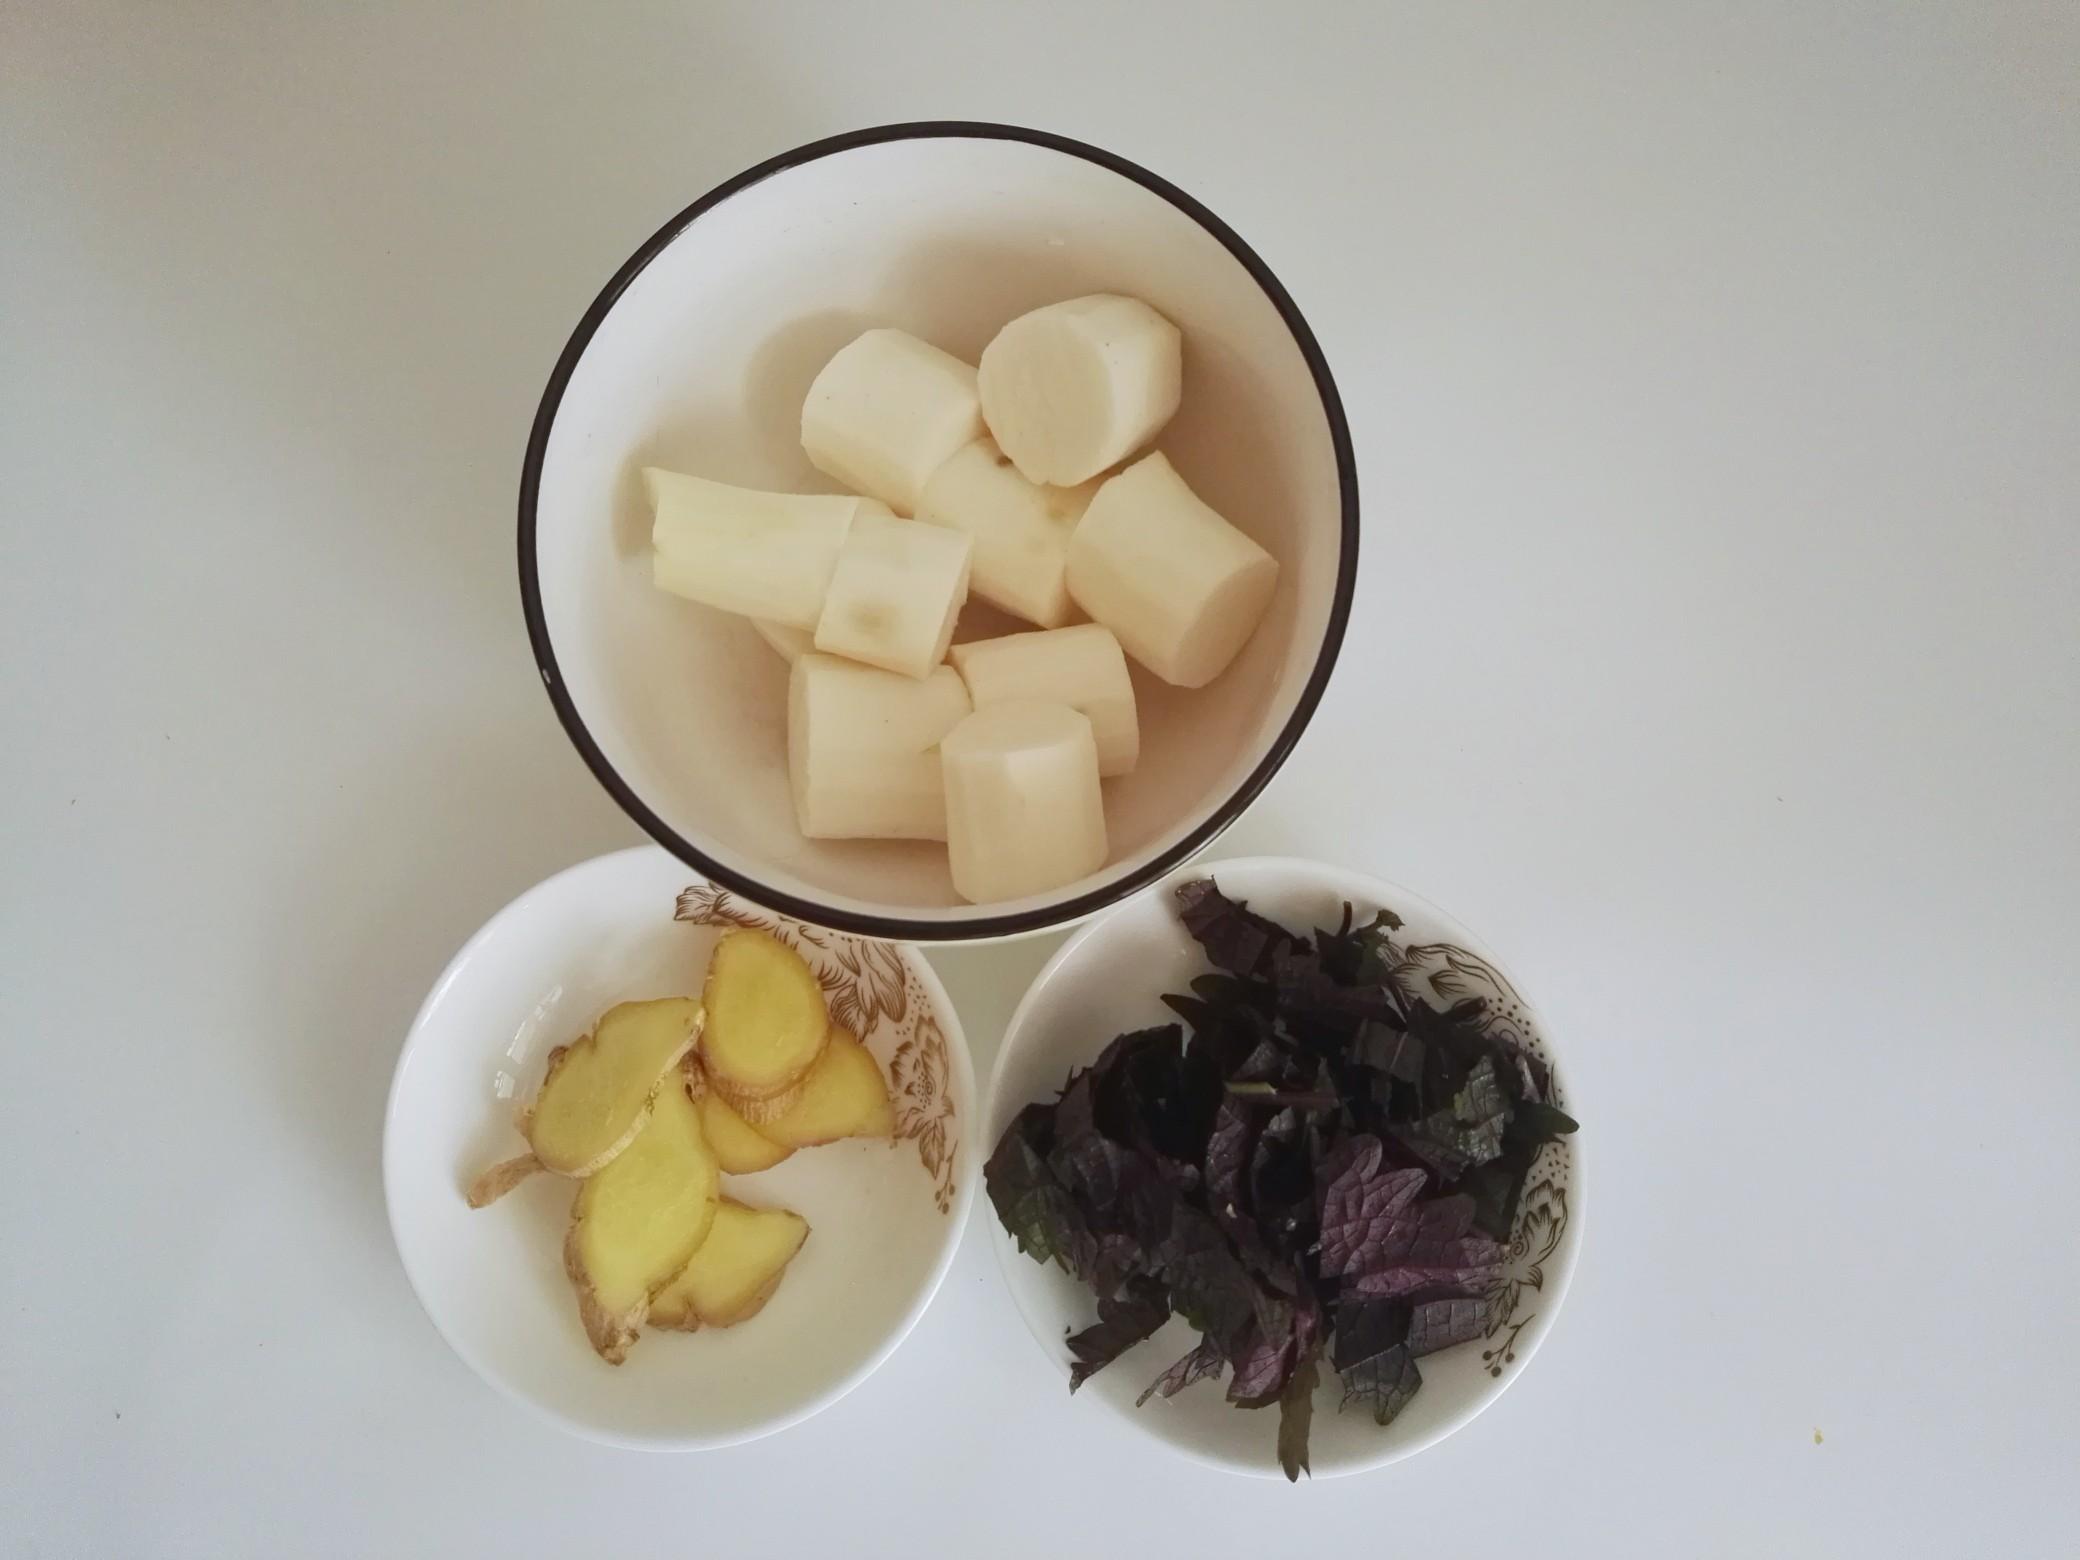 清淡鲜美的猪骨汤,炎炎夏日解馋又清心的家常做法